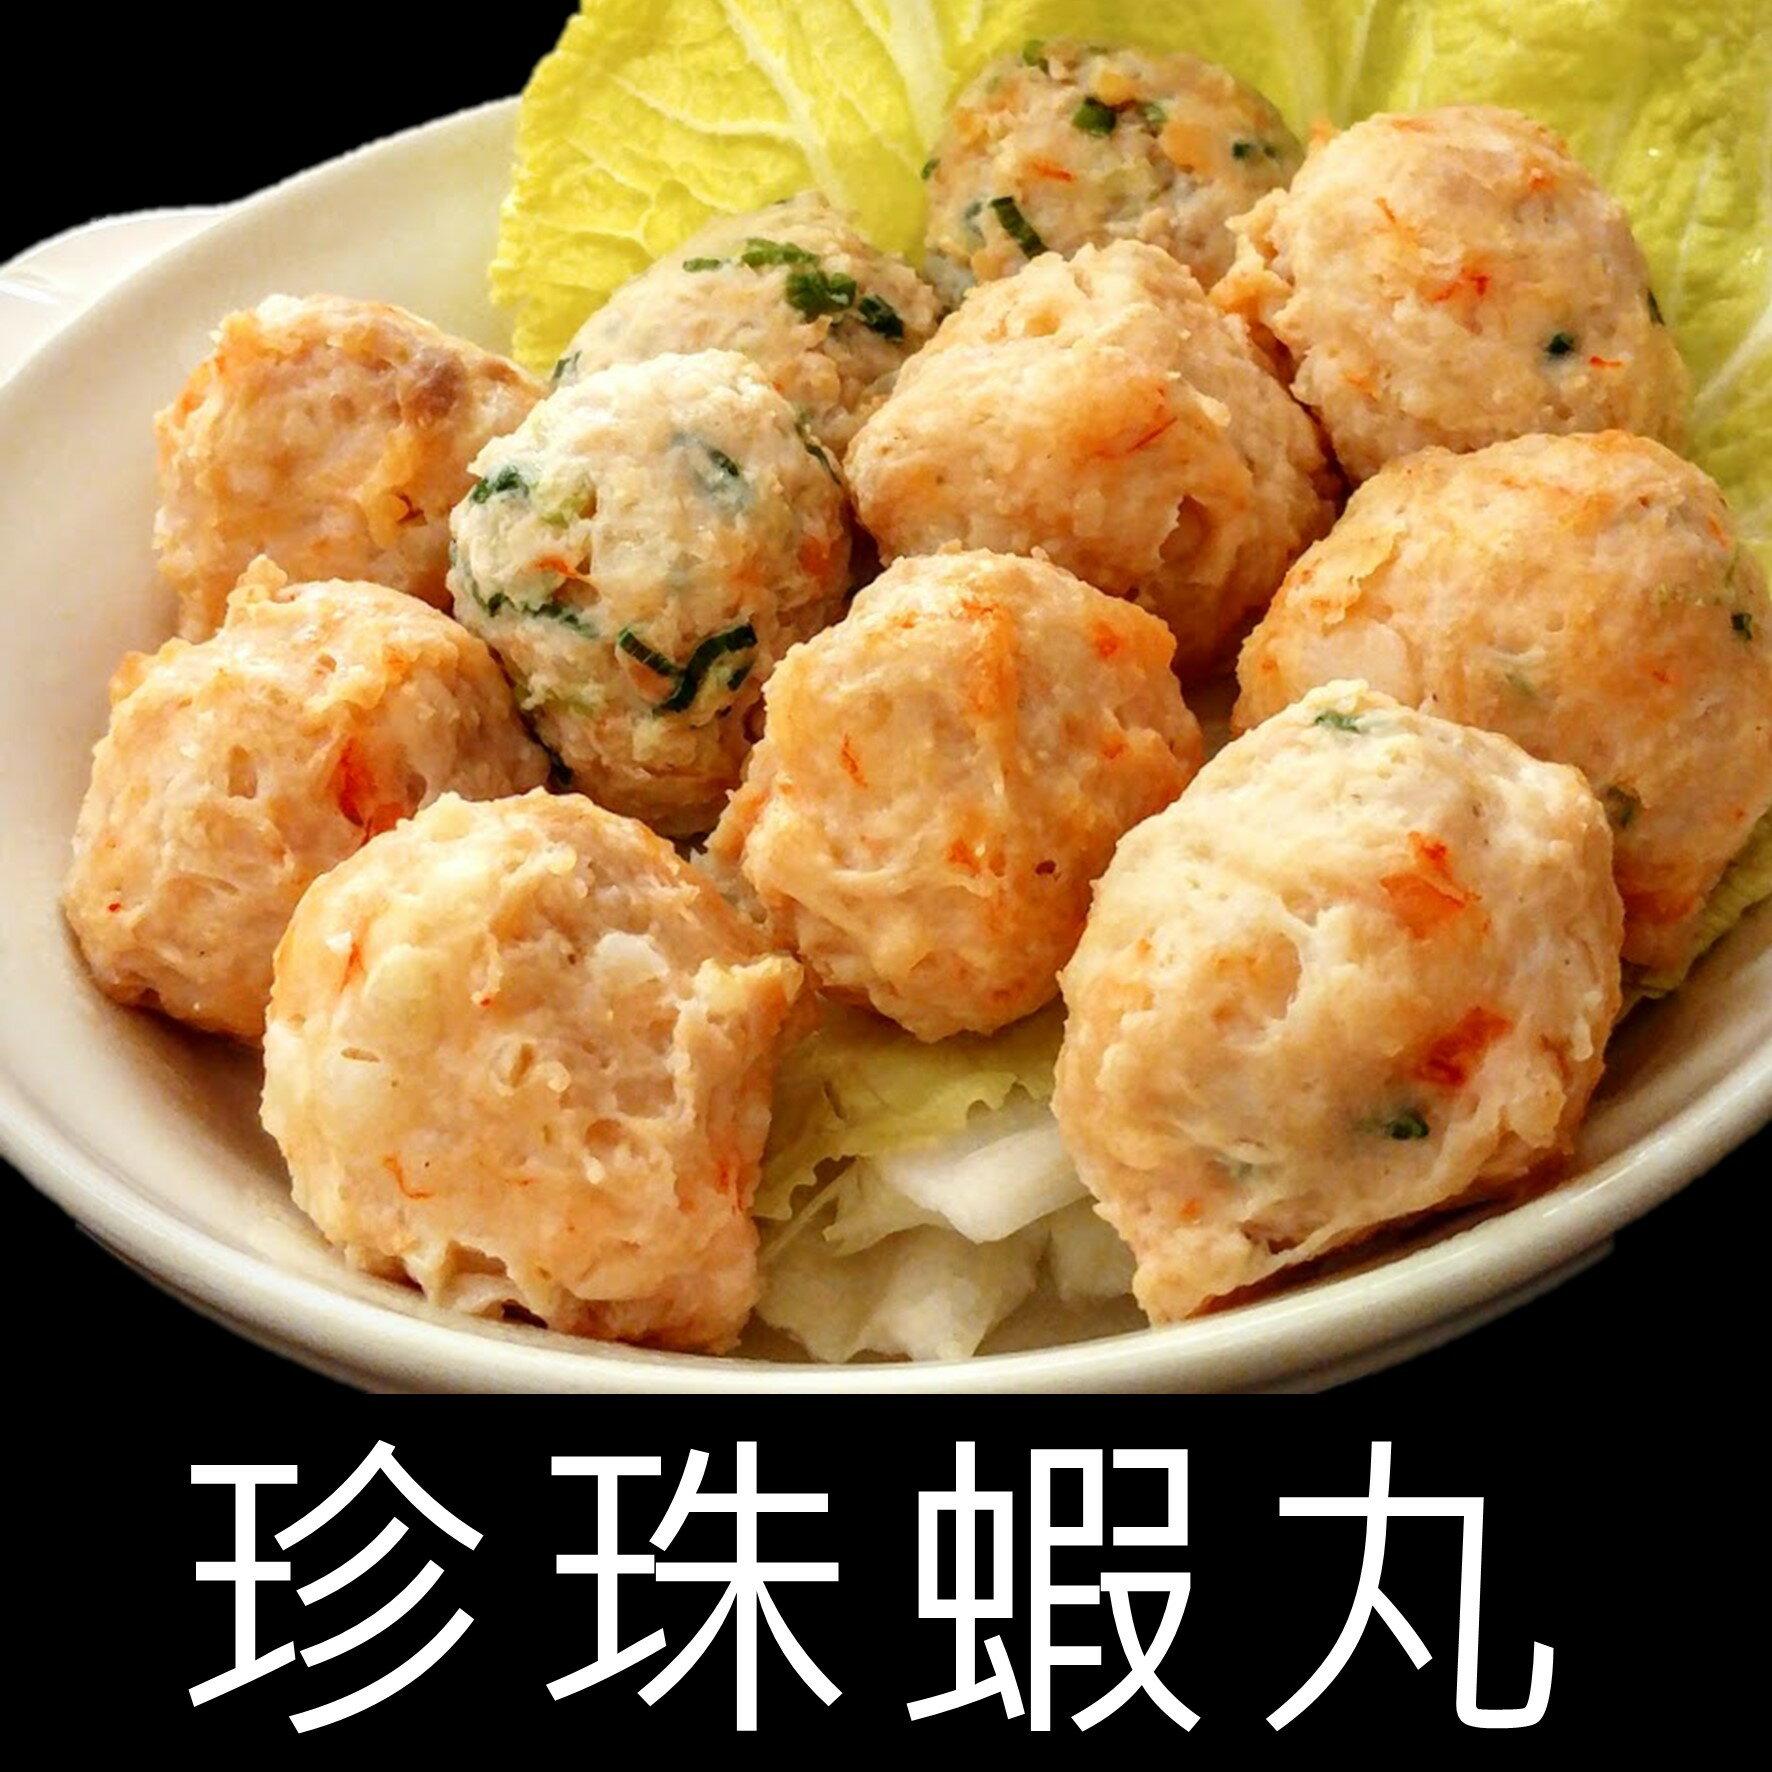 蘋果日報年菜入選推薦珍珠蝦丸